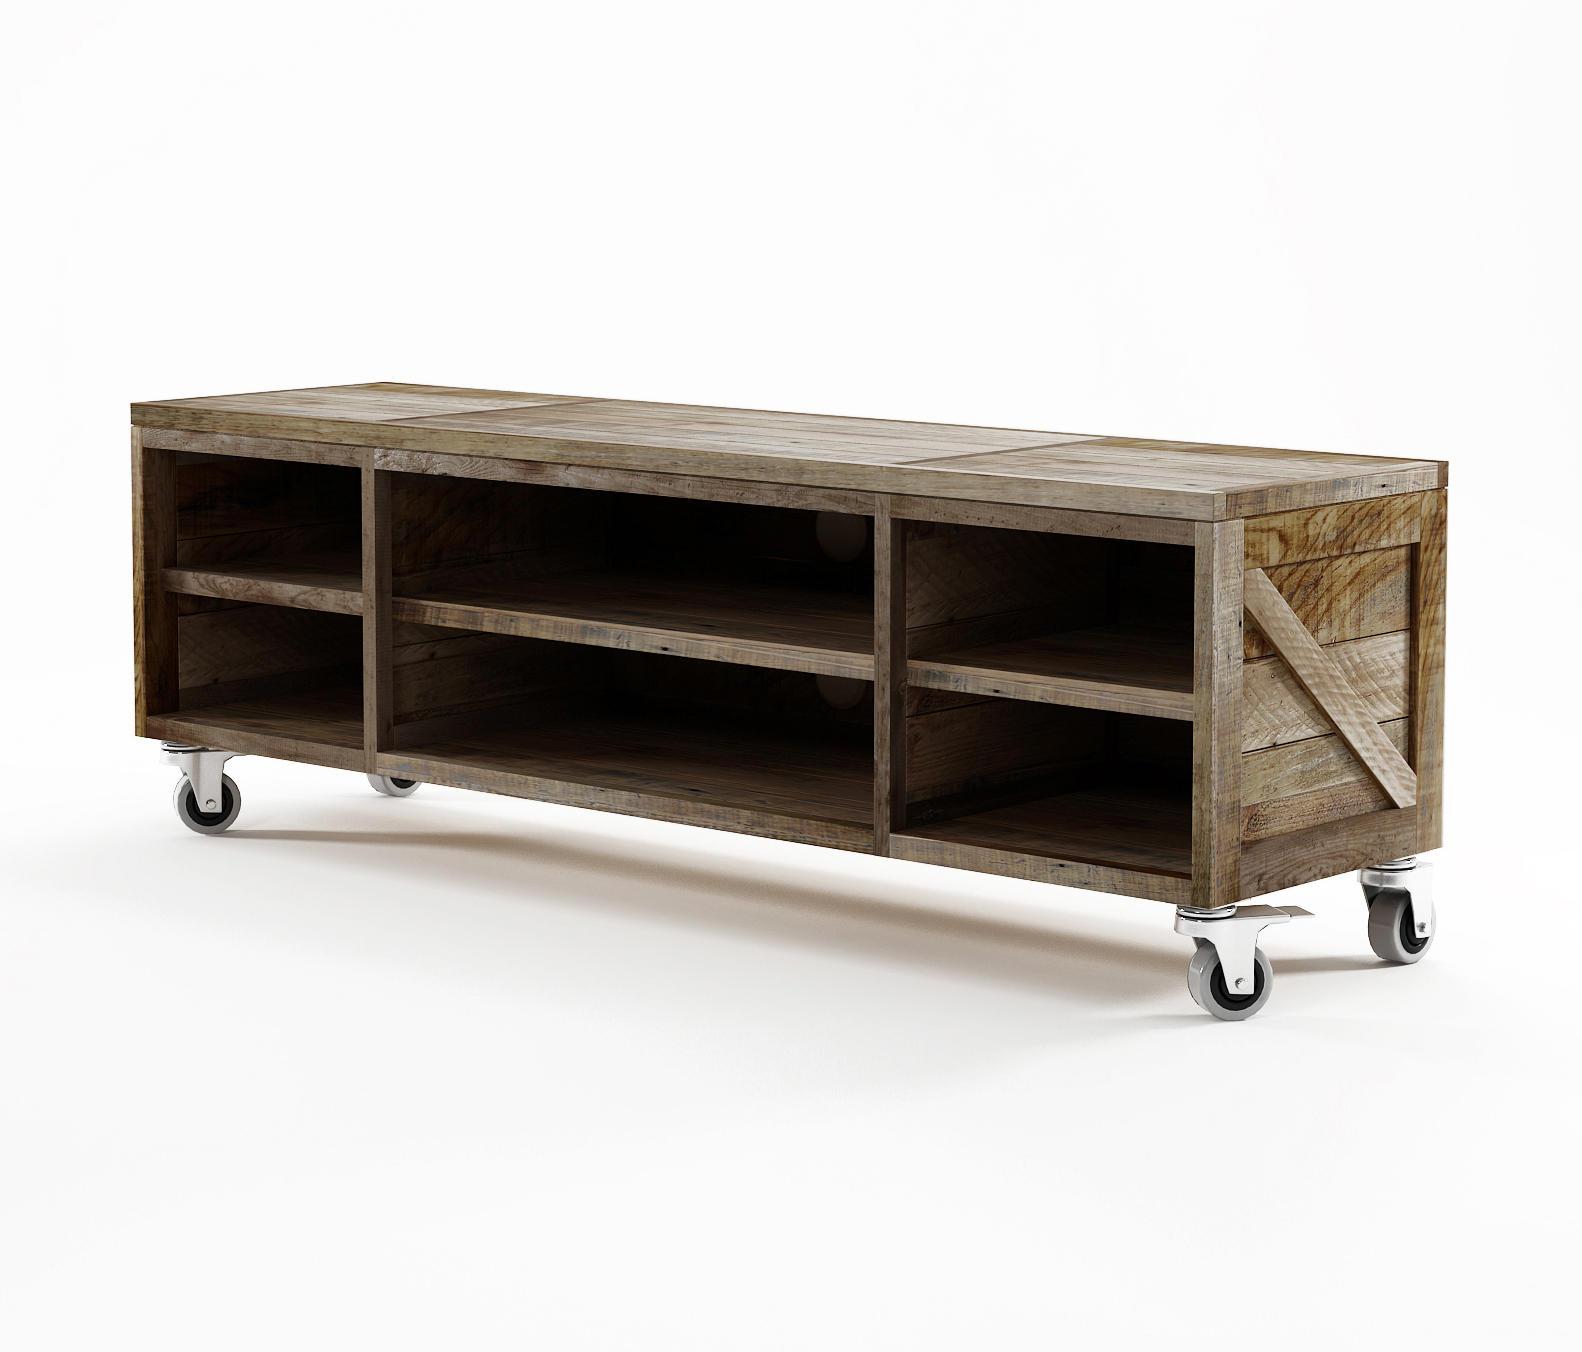 krate tv chest multimedia sideboards von karpenter. Black Bedroom Furniture Sets. Home Design Ideas